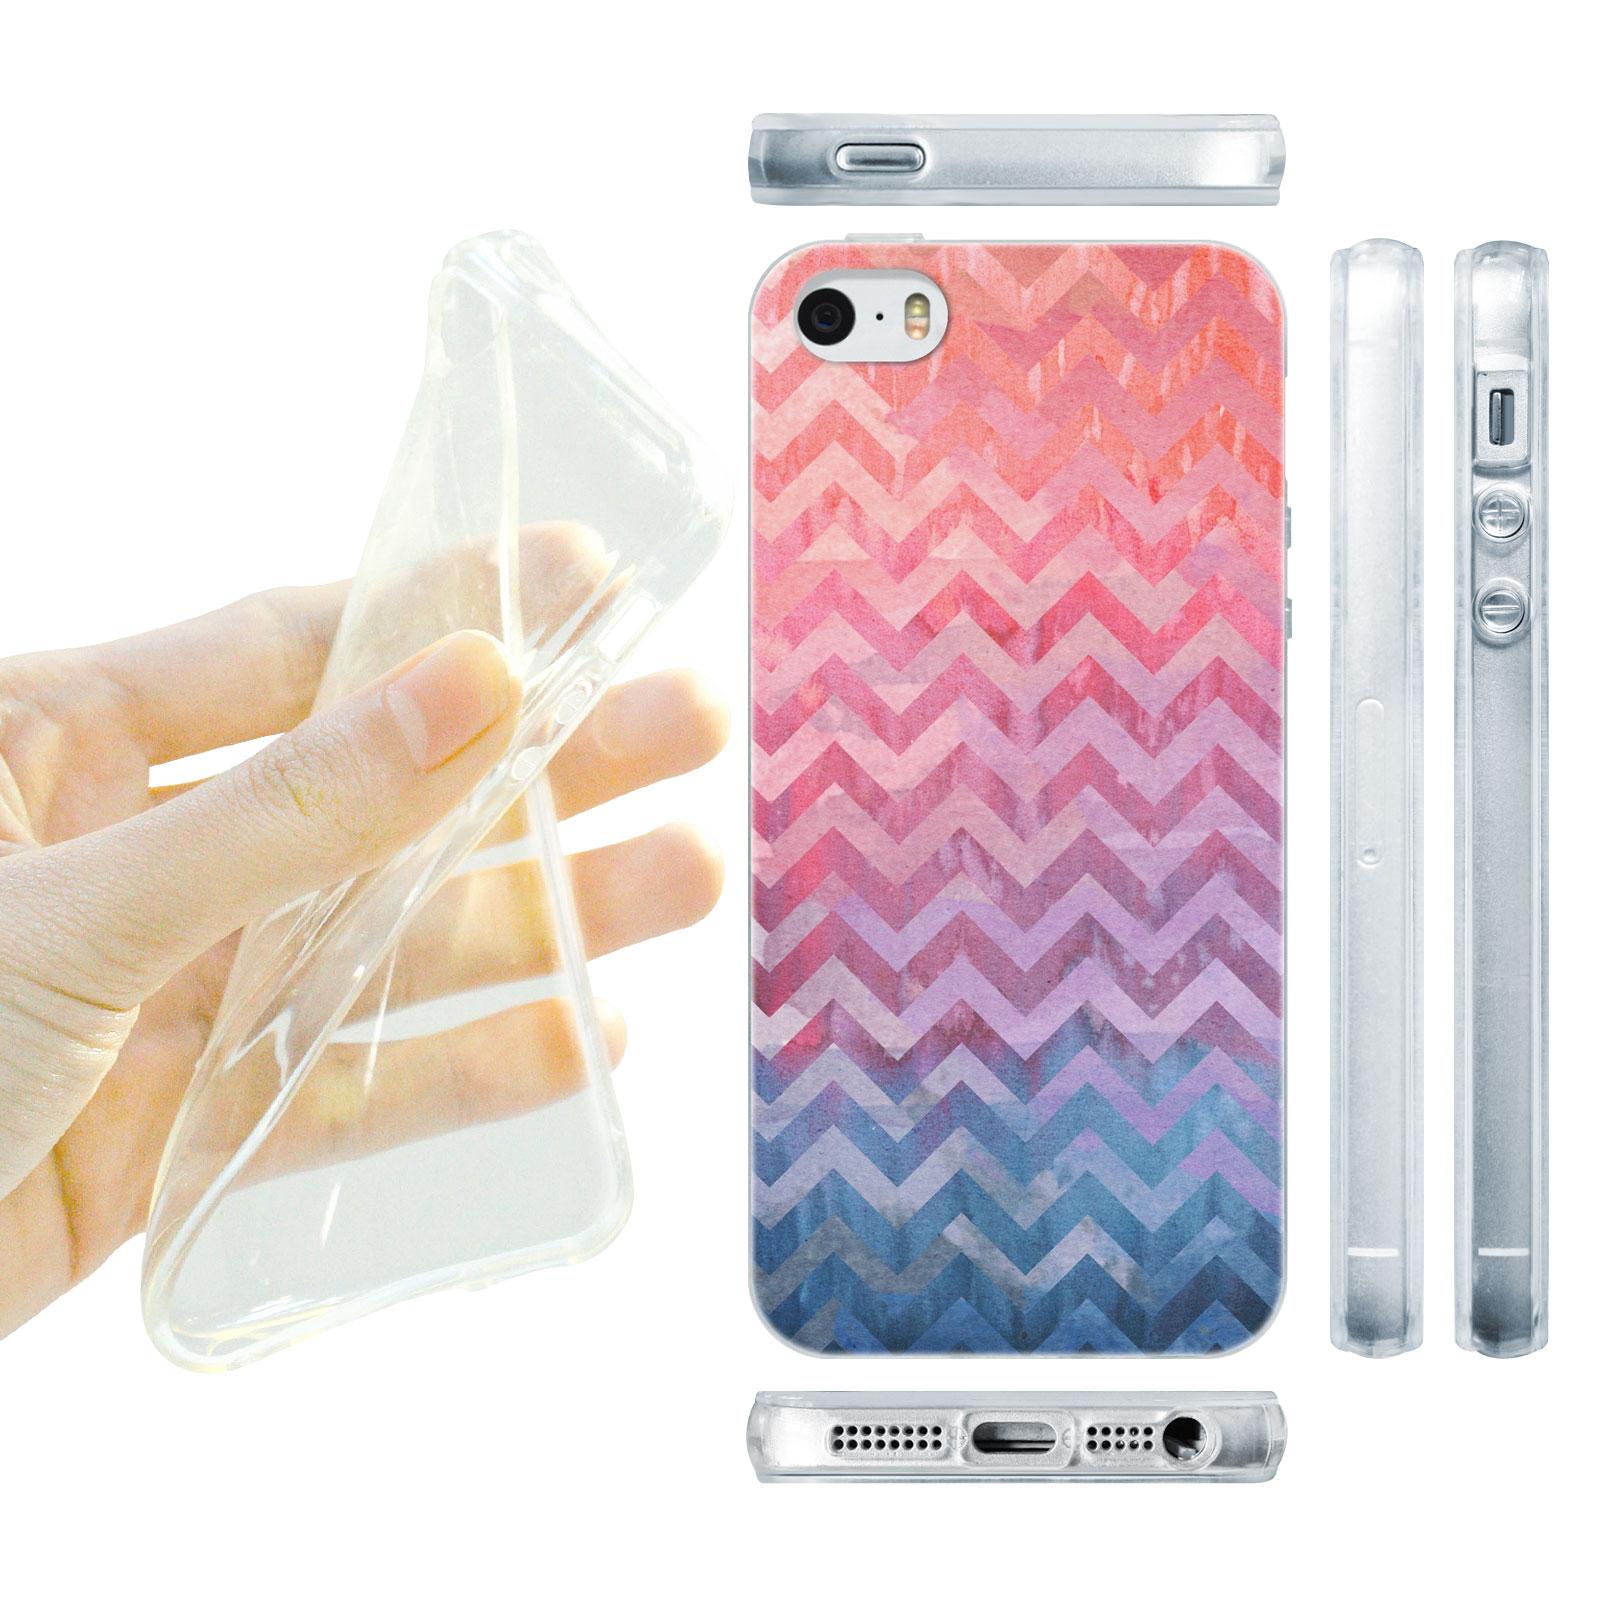 HEAD CASE silikonový obal na mobil Iphone 5/5S proužky růžová a modrá